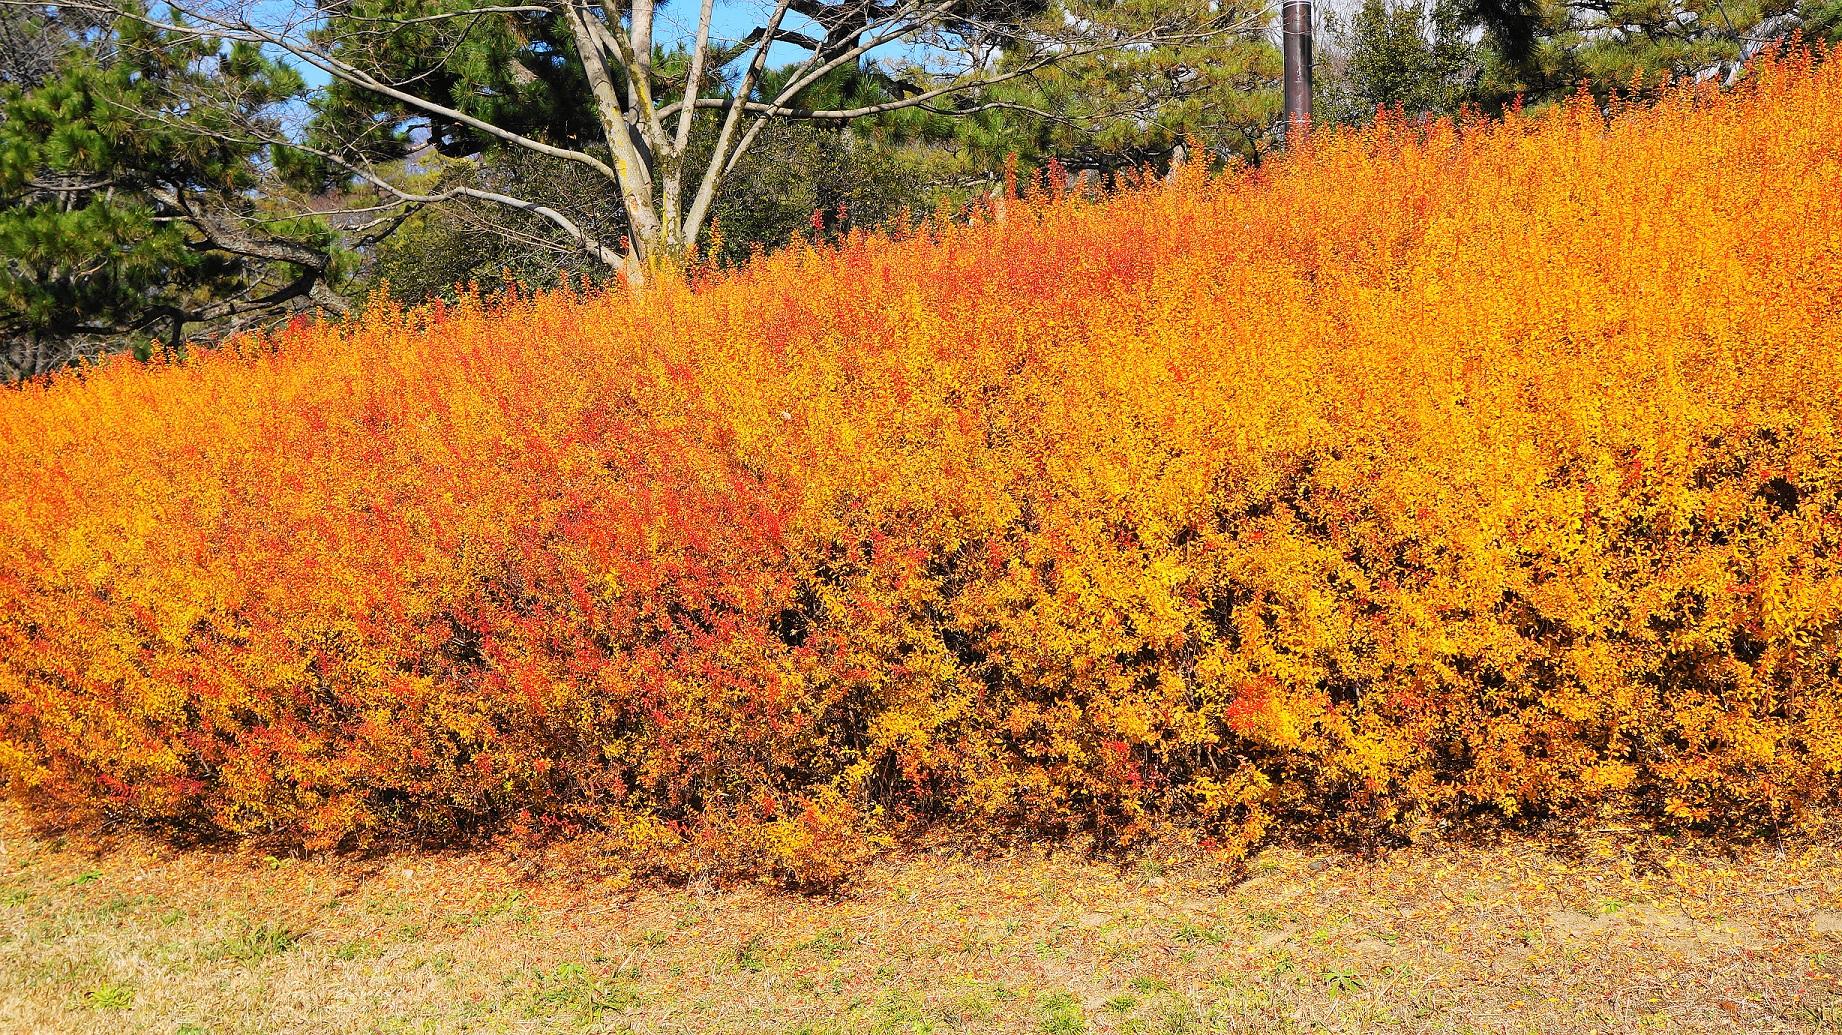 鴨川の冬の雪柳の見事なオレンジの紅葉(出町橋付近)